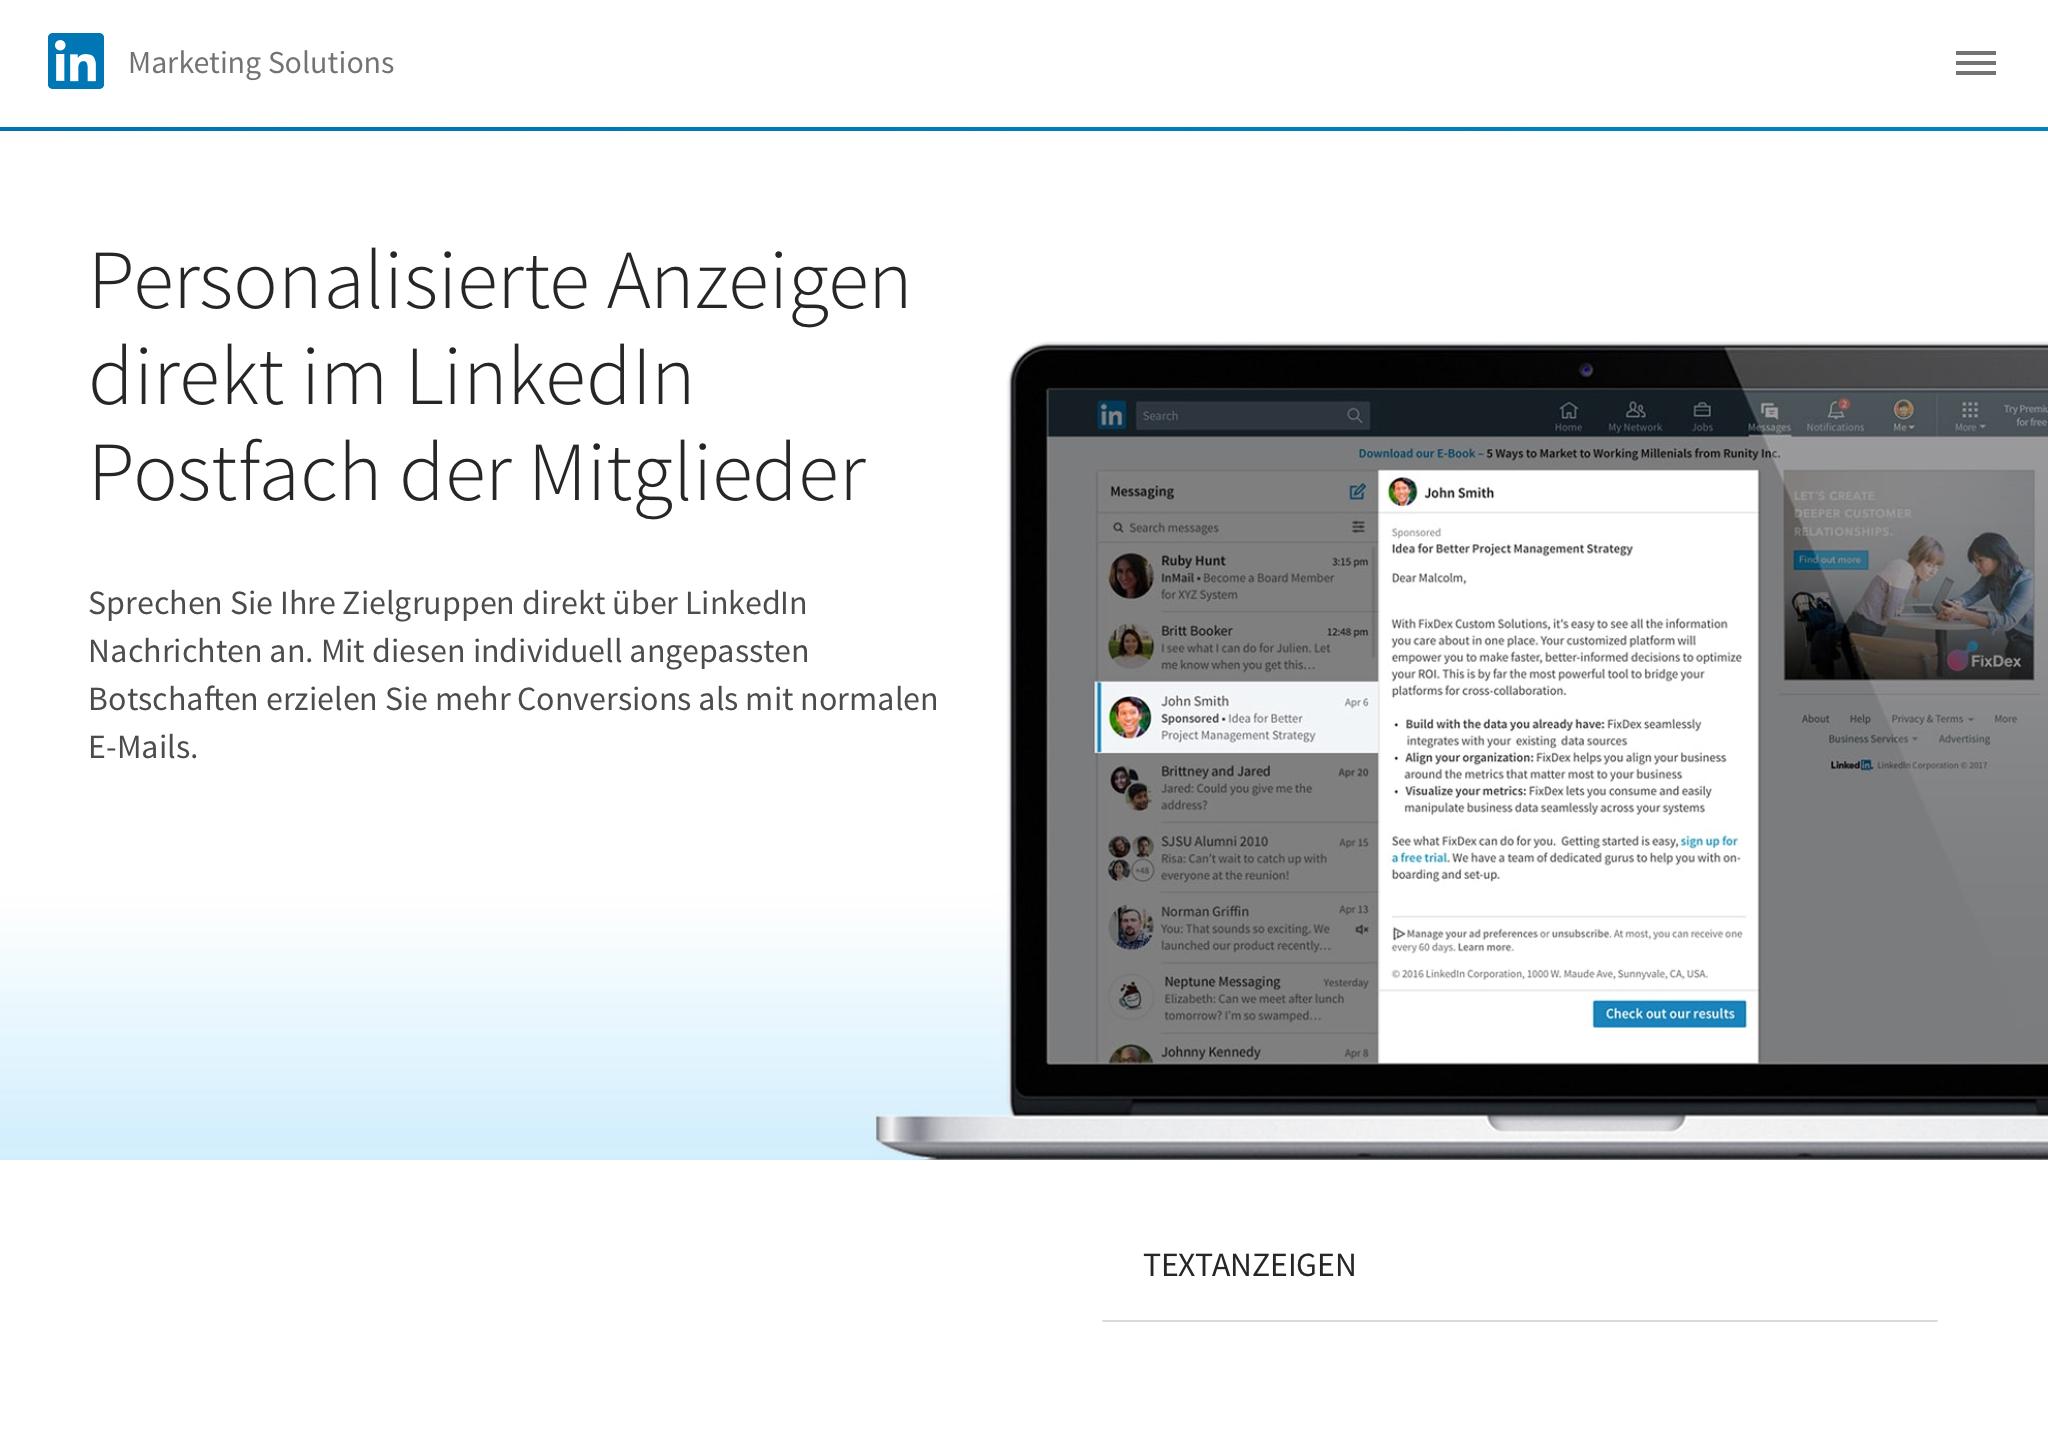 Fein Builder Für Online Organisation Fortsetzen Ideen - Beispiel ...